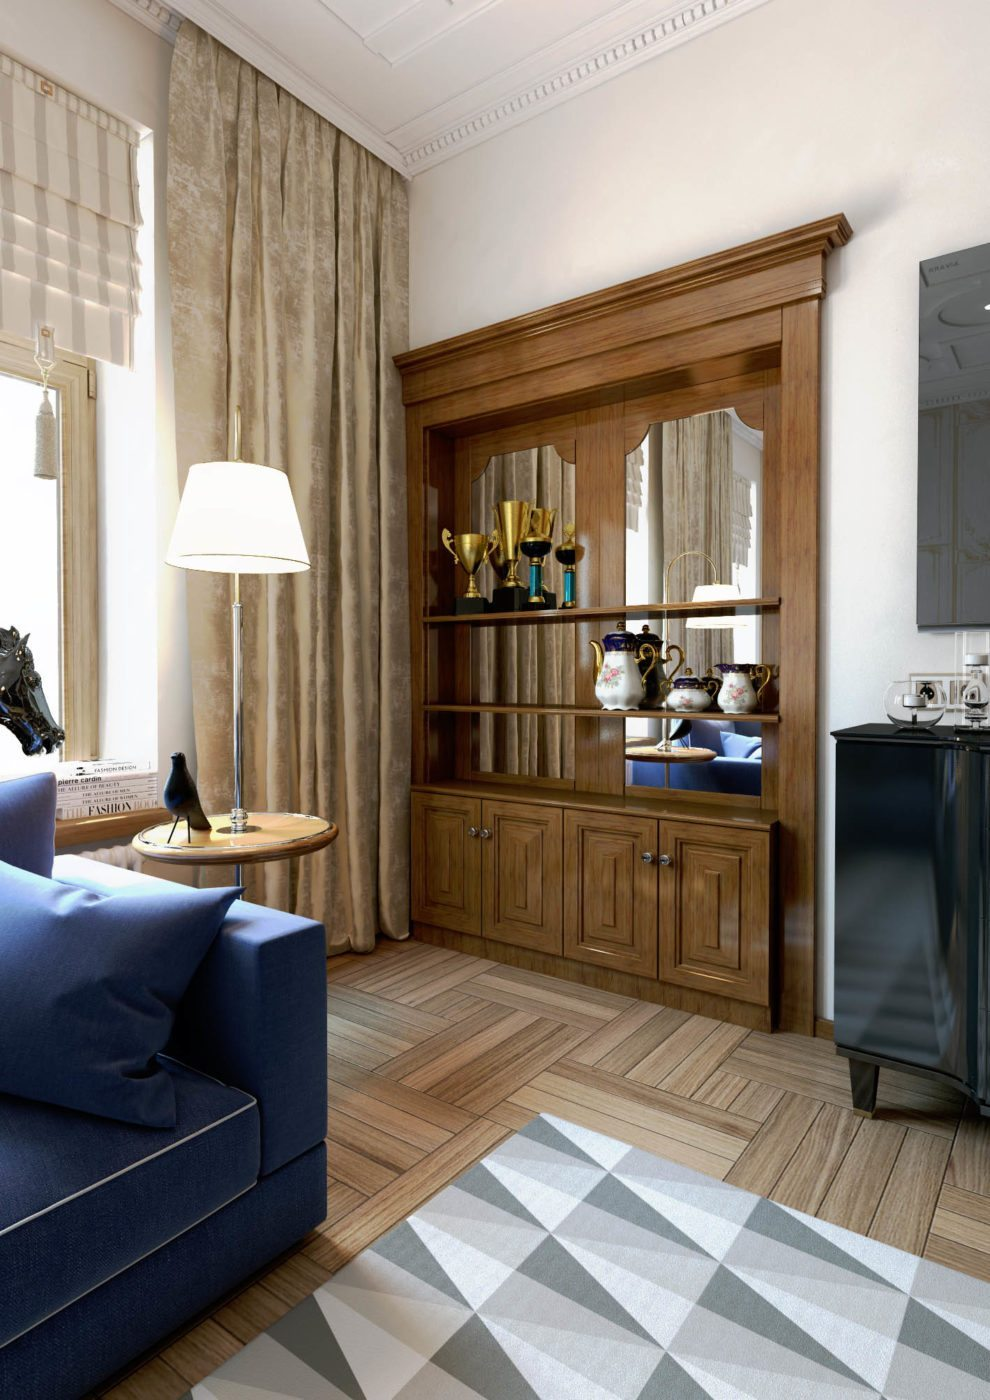 Дизайн интерьера квартир и коттеджей в Астане